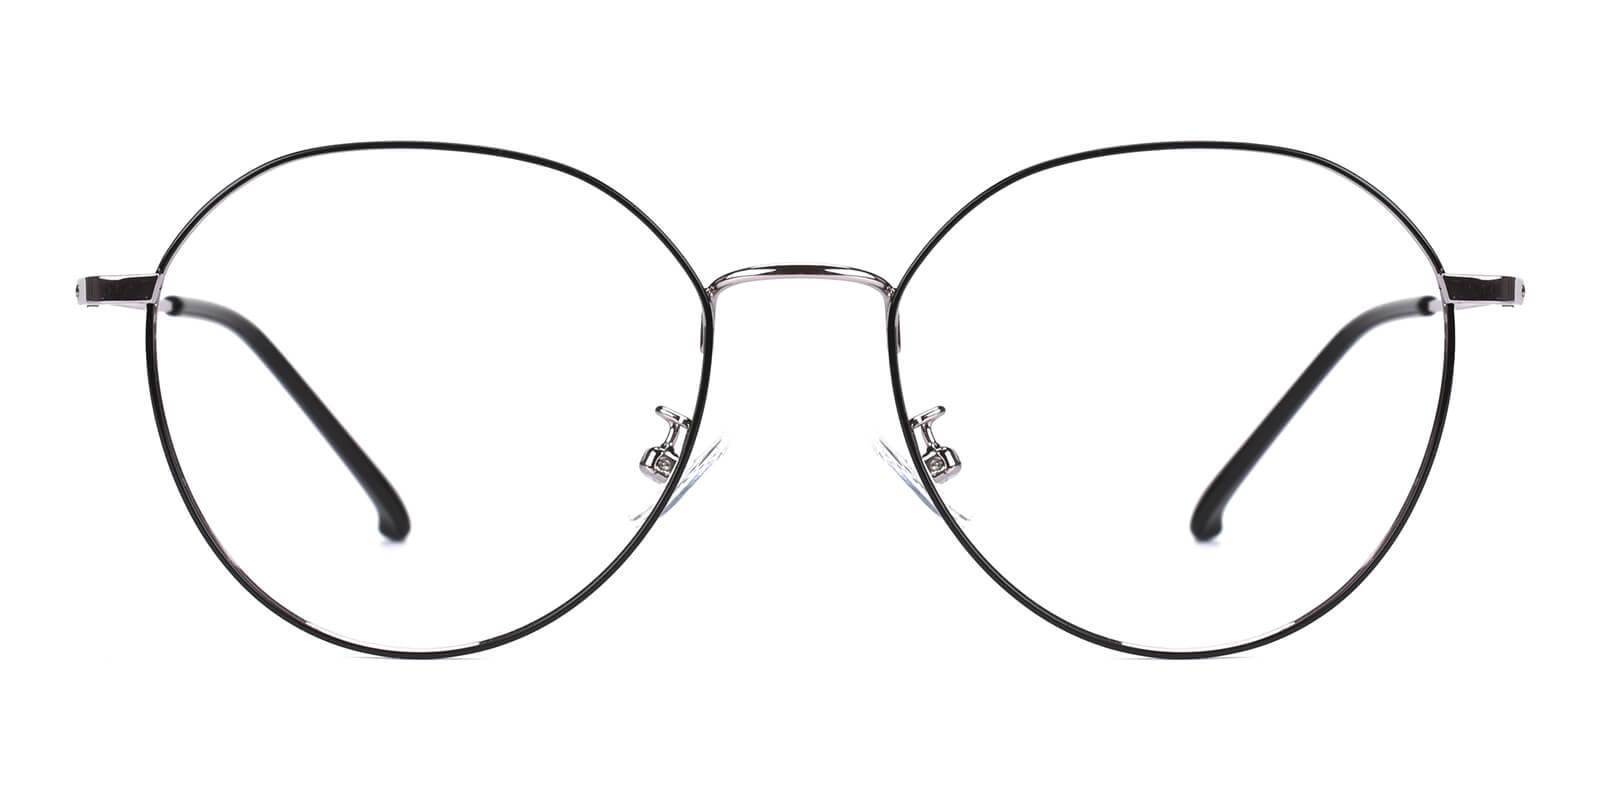 Maya-Silver-Round-Metal-Eyeglasses-detail